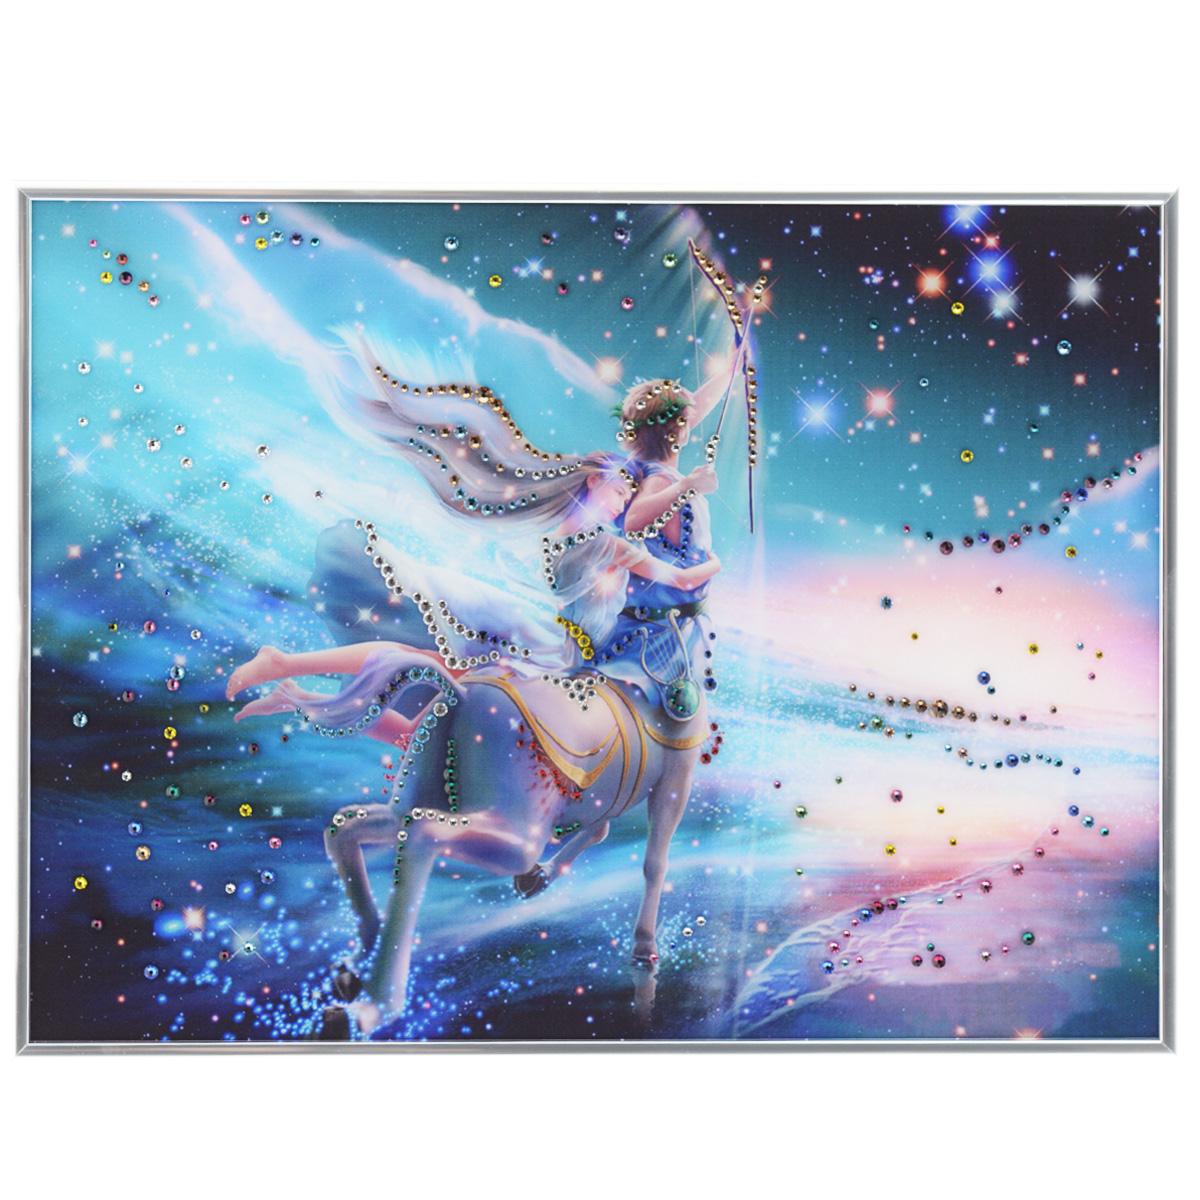 Картина с кристаллами Swarovski Знак зодиака. Стрелец Кагая, 40 см х 30 смPM-3007Изящная картина в металлической раме, инкрустирована кристаллами Swarovski, которые отличаются четкой и ровной огранкой, ярким блеском и чистотой цвета. Красочное изображение знака зодиака - стрелец Кагая, расположенное под стеклом, прекрасно дополняет блеск кристаллов. С обратной стороны имеется металлическая петелька для размещения картины на стене. Картина с кристаллами Swarovski Знак зодиака. Стрелец Кагая элегантно украсит интерьер дома или офиса, а также станет прекрасным подарком, который обязательно понравится получателю. Блеск кристаллов в интерьере, что может быть сказочнее и удивительнее. Картина упакована в подарочную картонную коробку синего цвета и комплектуется сертификатом соответствия Swarovski.